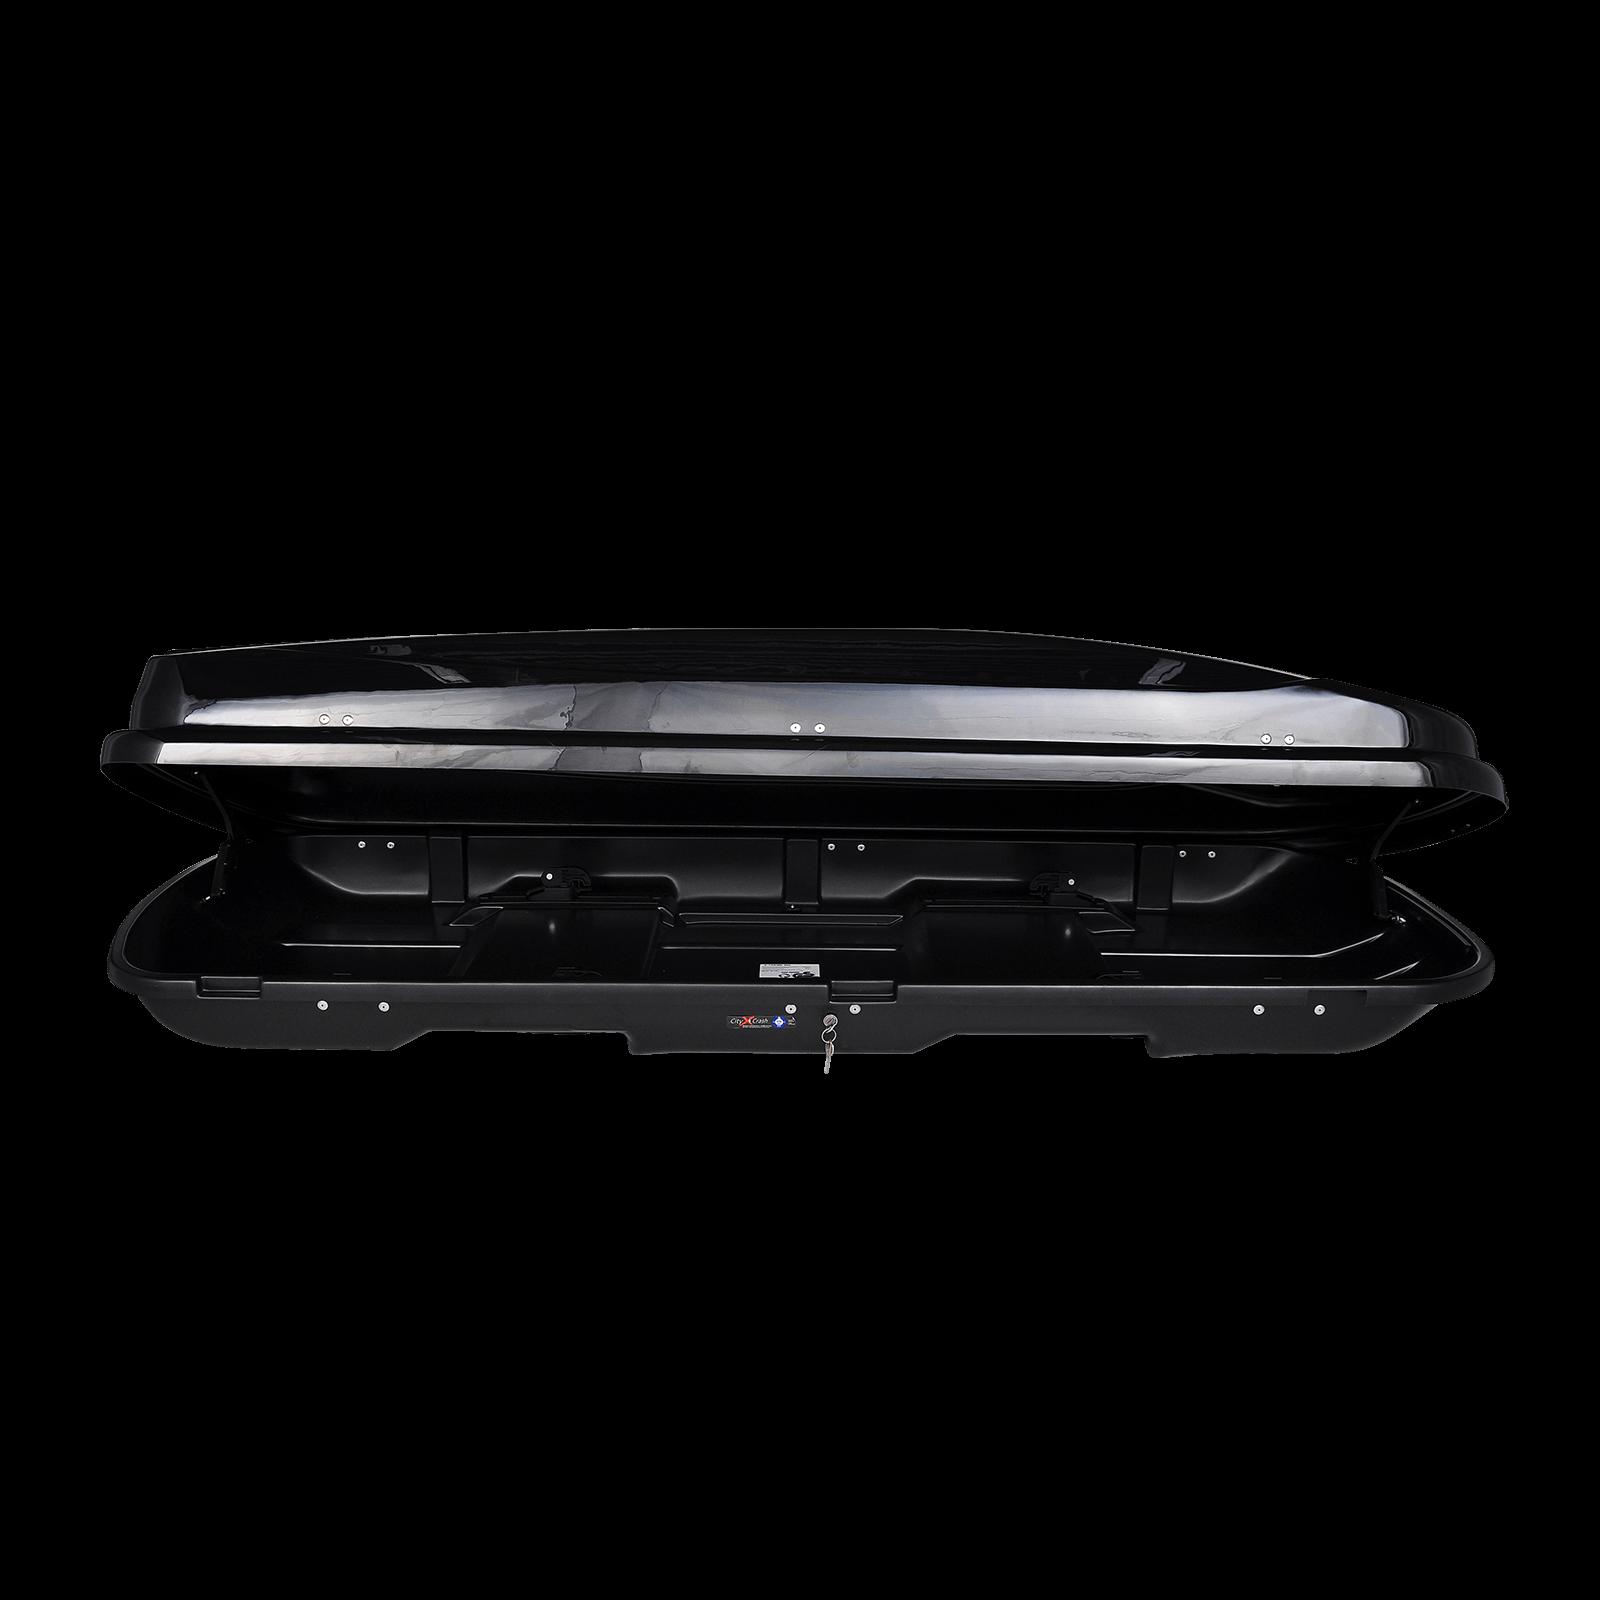 Dachbox Junior Xtreme 500 schwarz glänzend - Bild 2